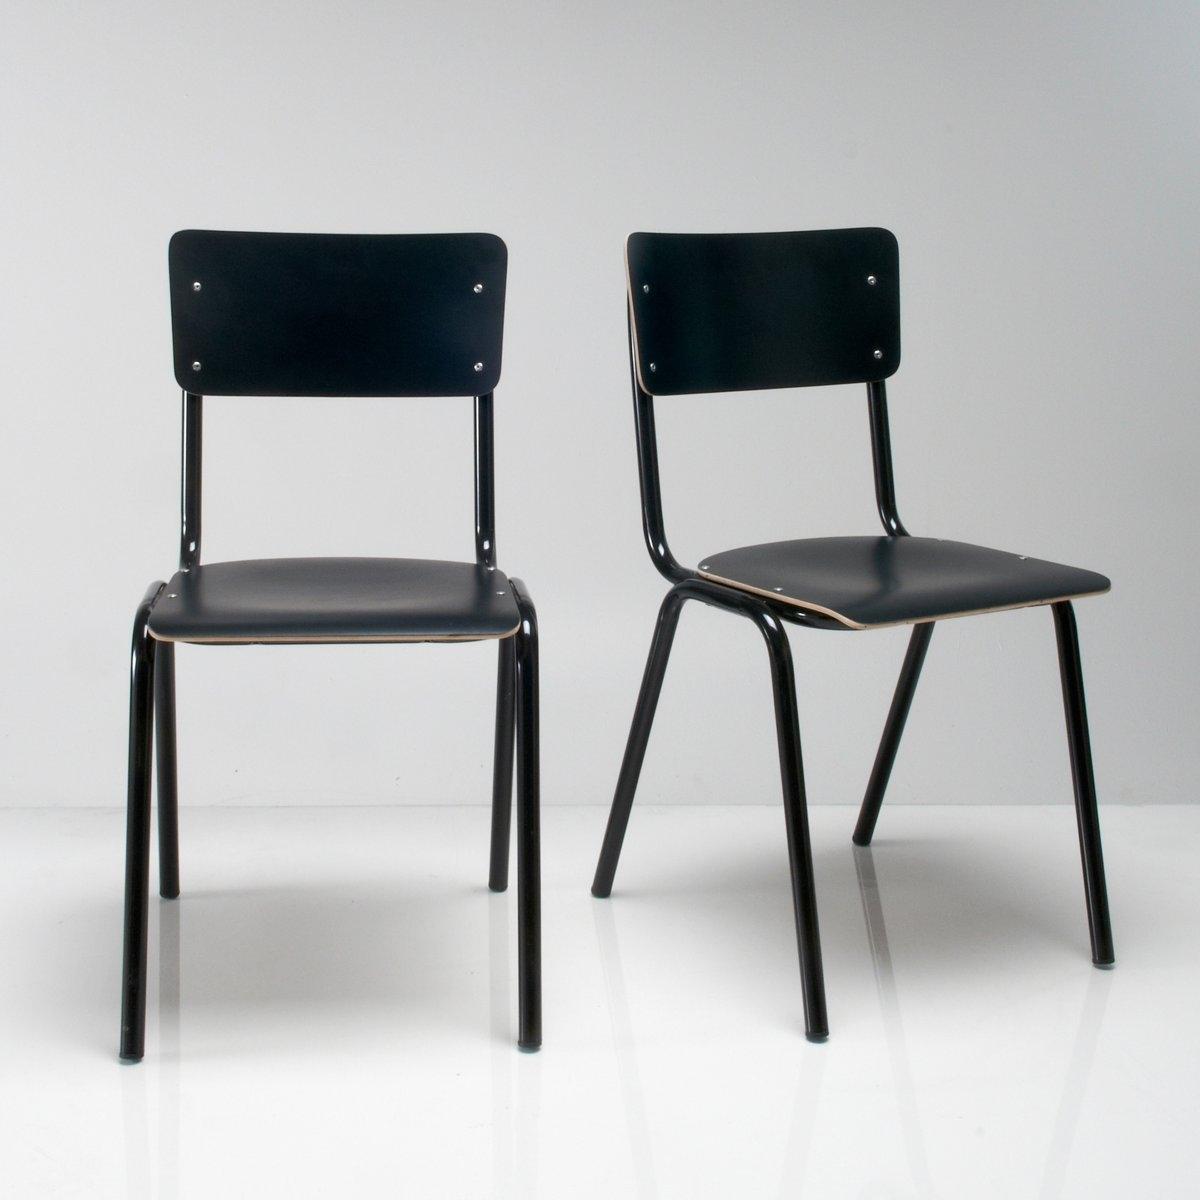 2 стула ученических HIBA